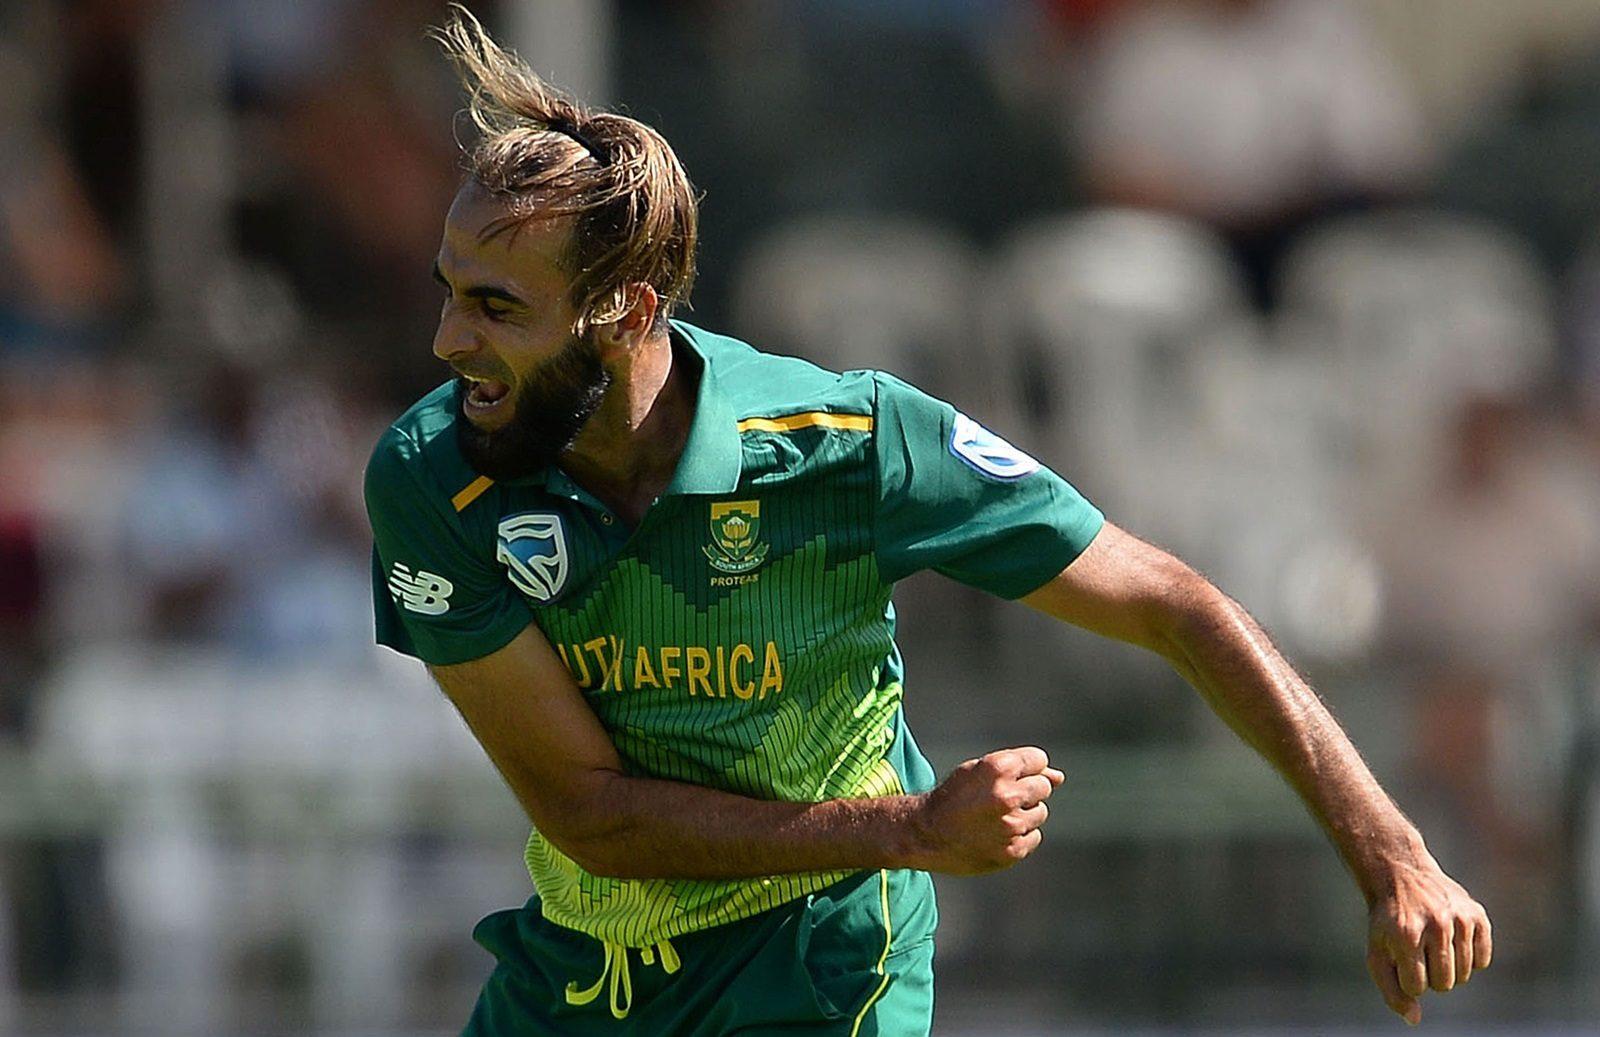 CWC 2019: इंग्लैंड के खिलाफ इन XI खिलाड़ियों के साथ मैदान पर उतरेगी दक्षिण अफ्रीका की टीम 7